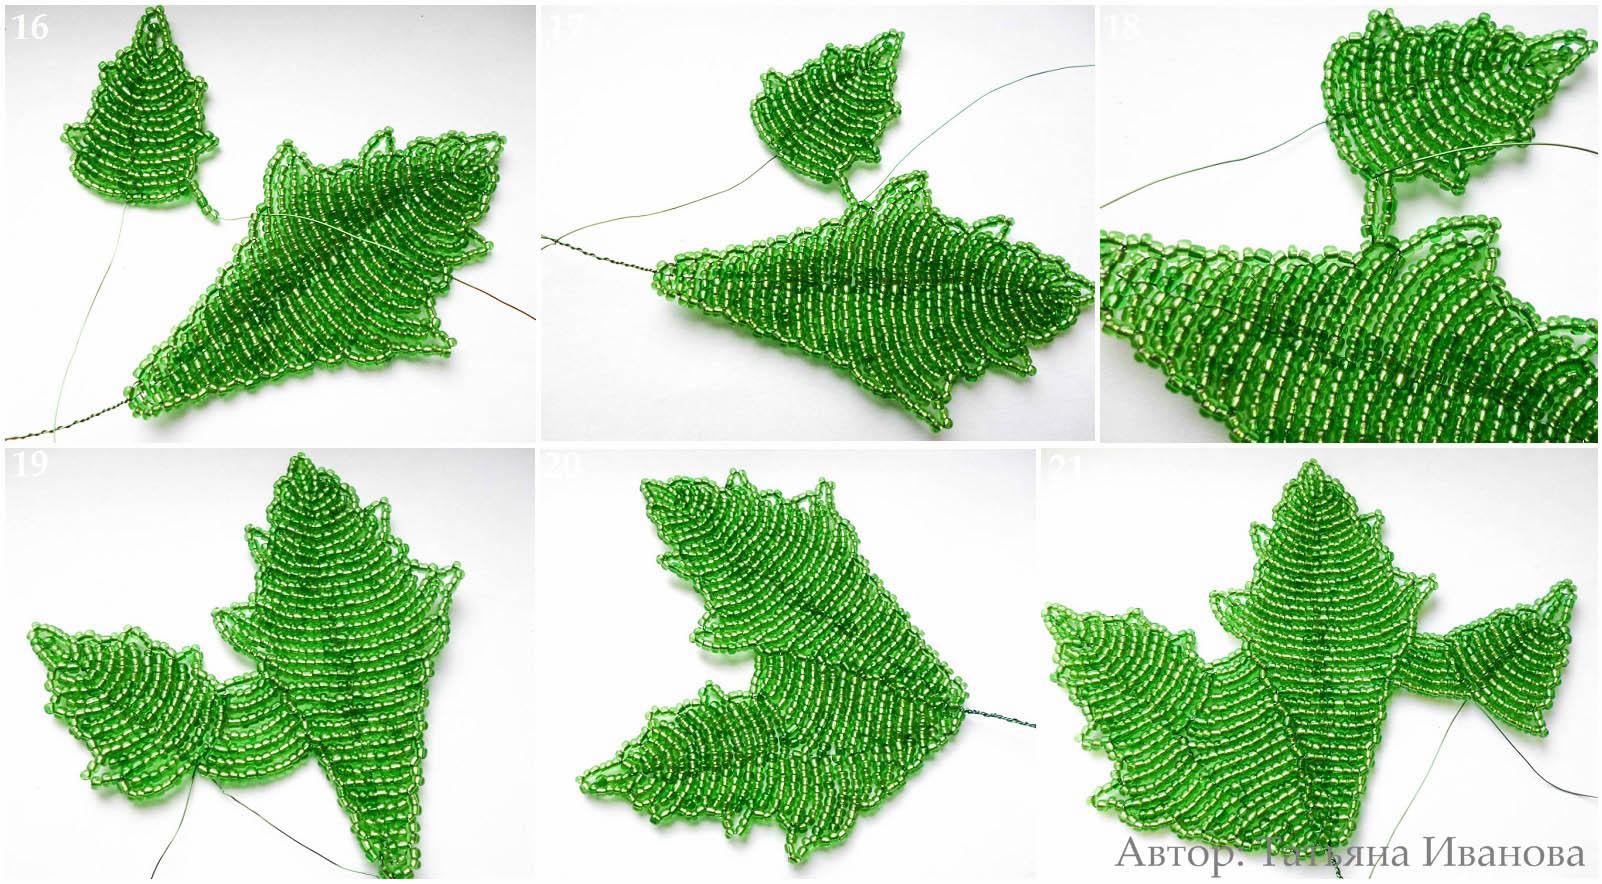 плетем виноградный лист. зеленый листик из бисера.